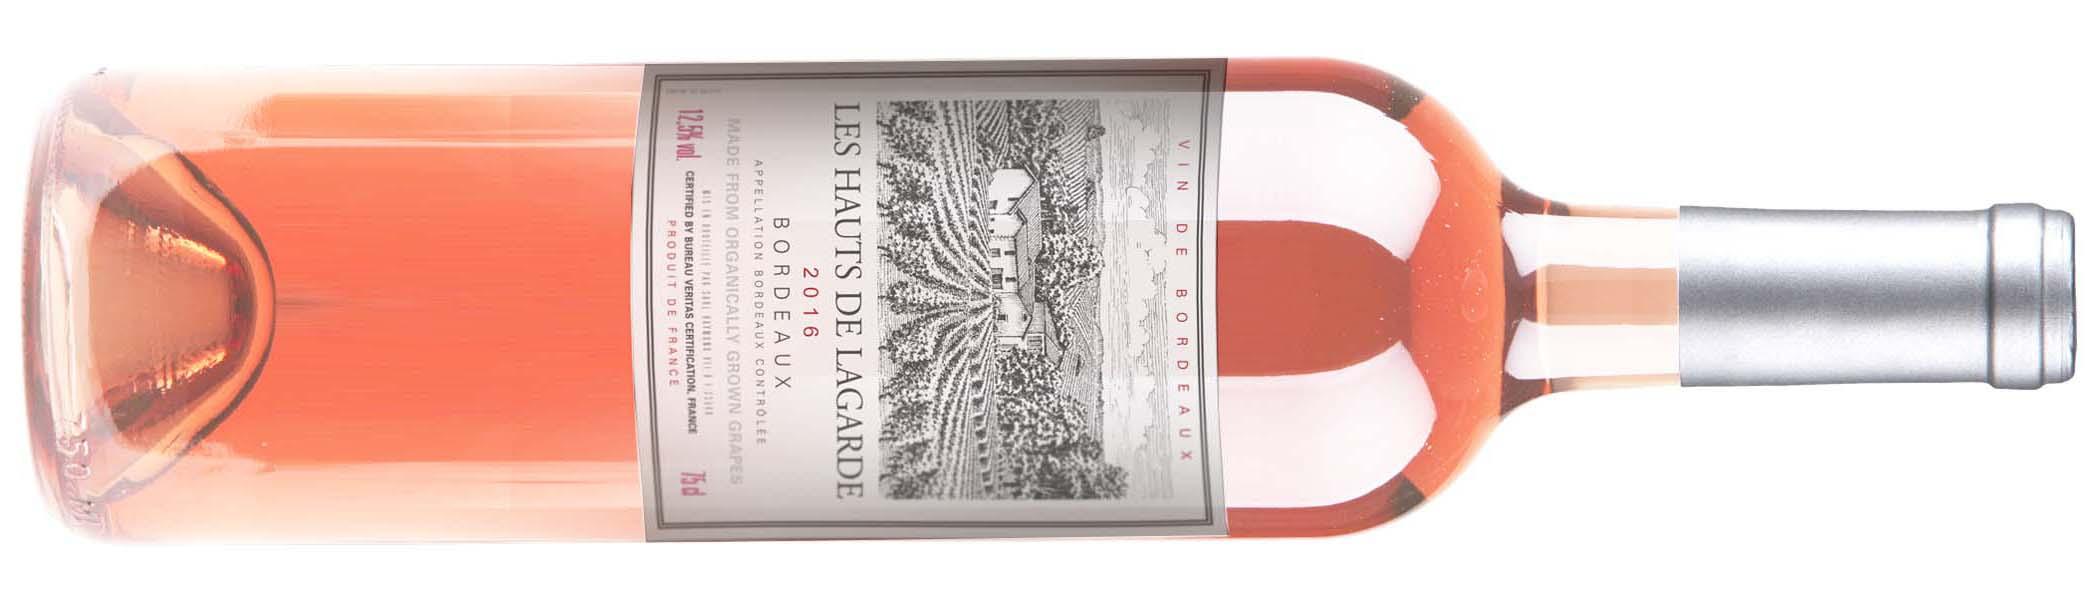 Les Hauts de Lagarde Rosé Wine